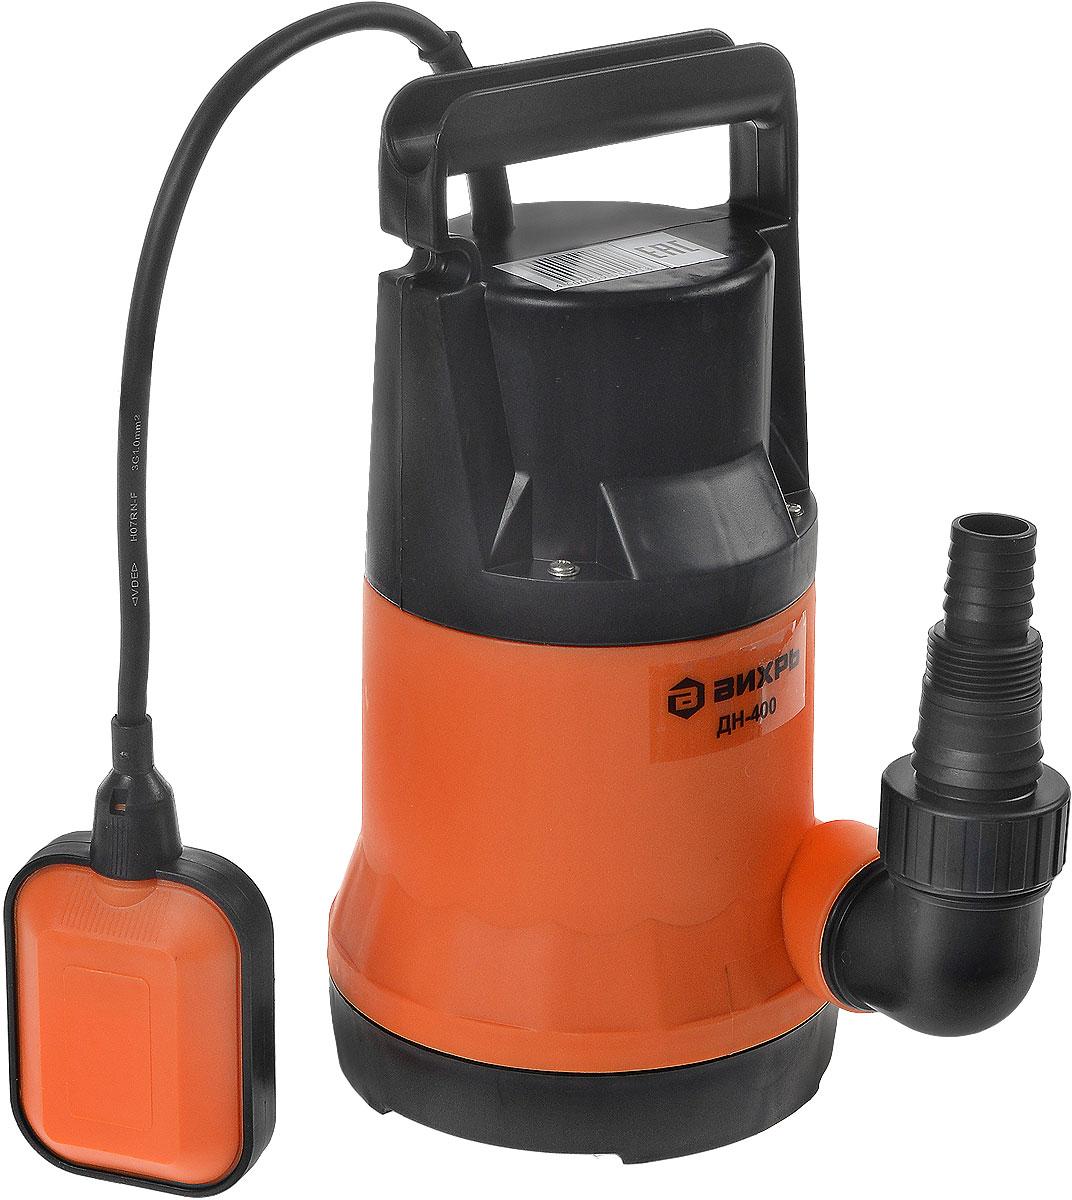 Дренажный насос Вихрь ДН-400, цвет: оранжевый дренажный насос вихрь дн 400 цвет оранжевый